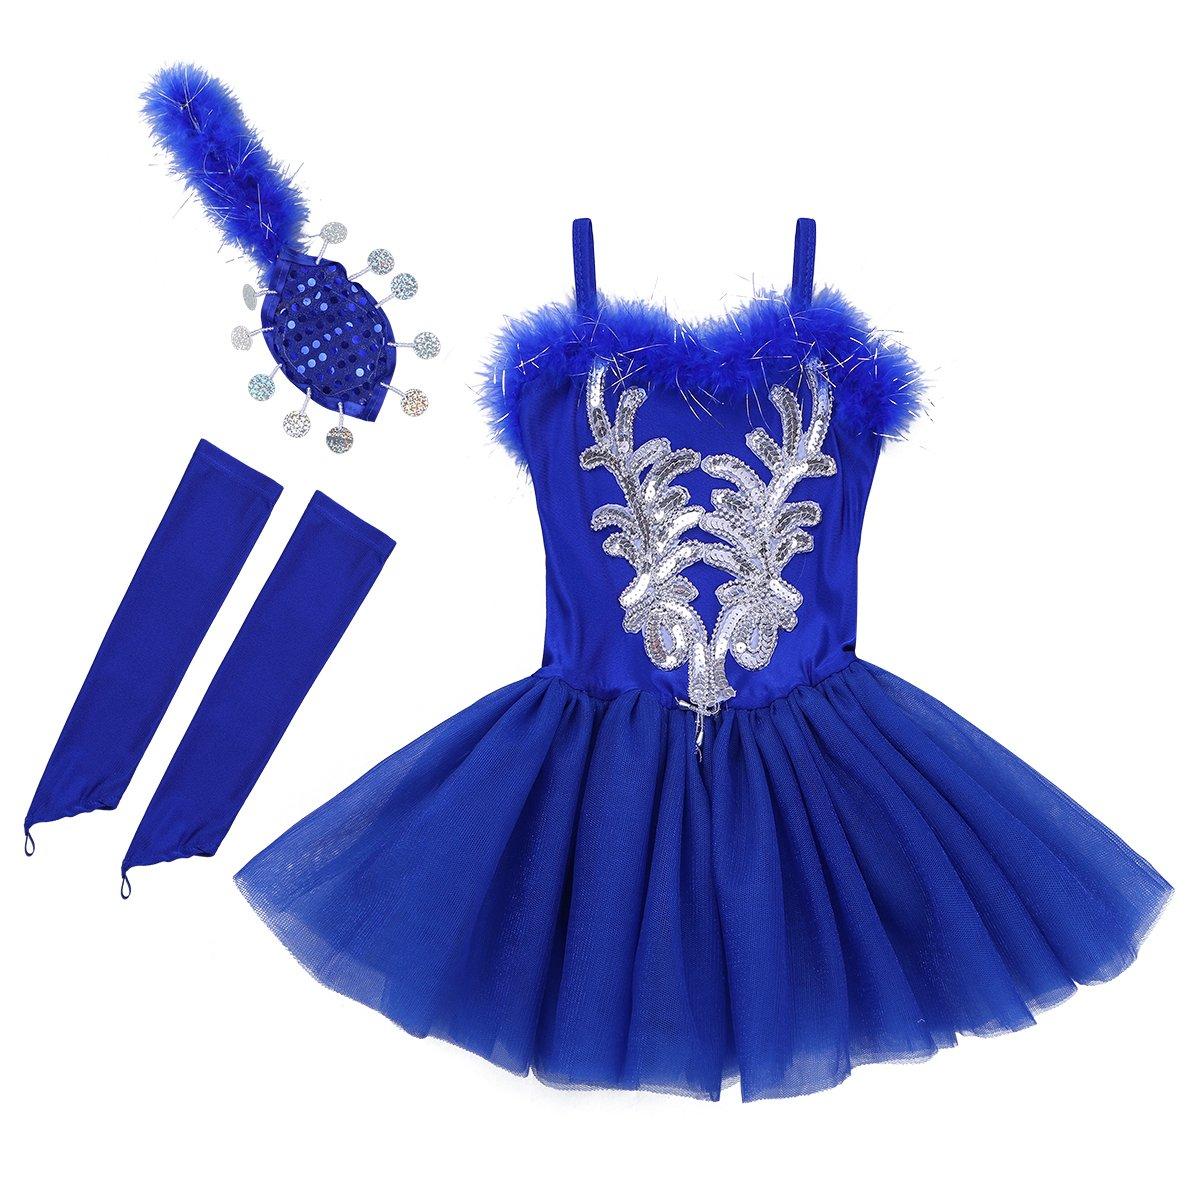 【売れ筋】 ranrann DRESS ガールズ DRESS B07HK4VN1D 5 43591/ 6|ブルー ブルー ブルー 43591, FREE MART Wear houseフリーマート:6b630be6 --- a0267596.xsph.ru